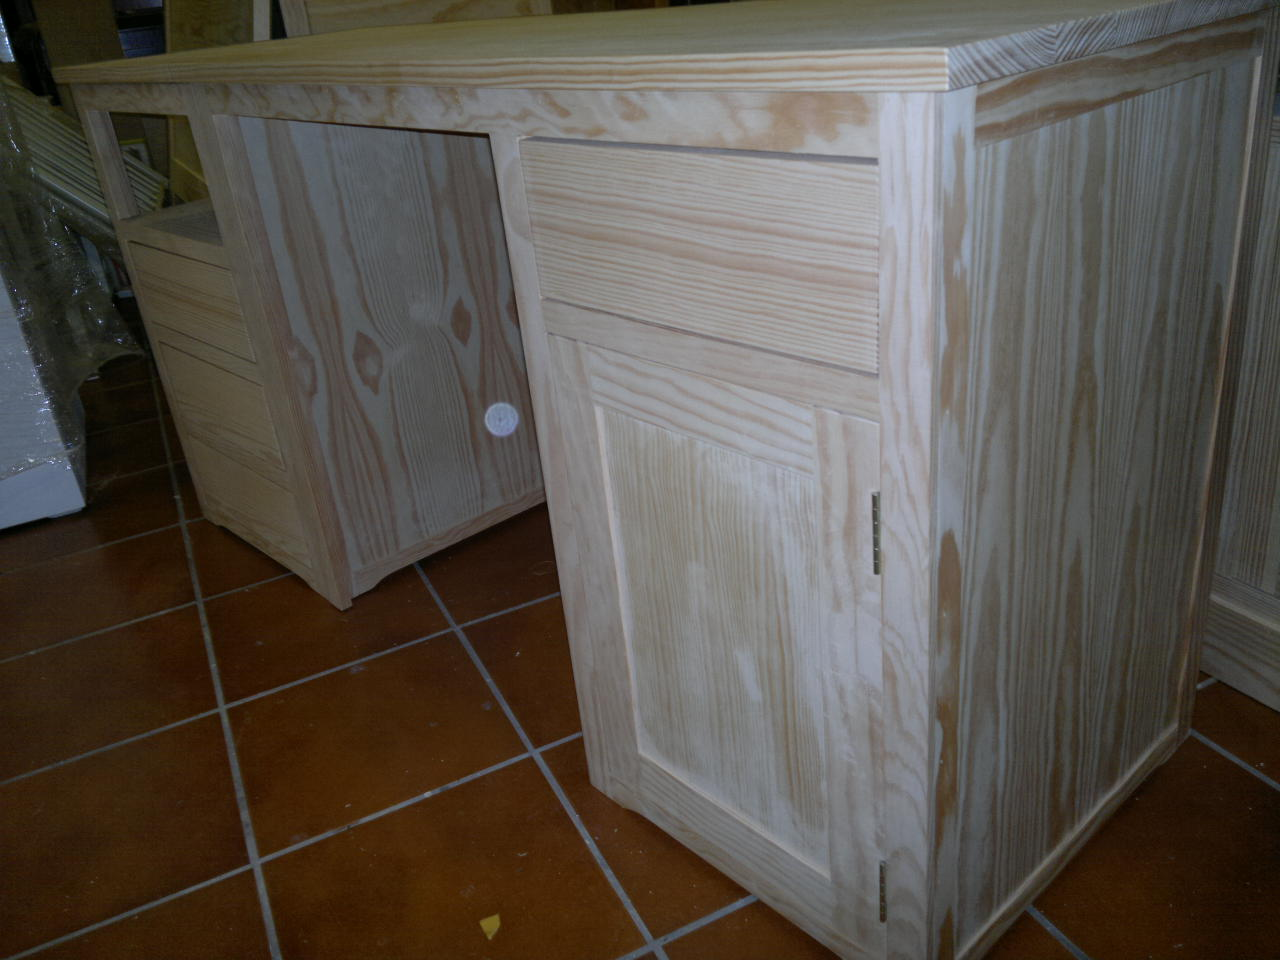 Pintar muebles de madera en blanco estanteria madera - Como pintar madera en blanco ...